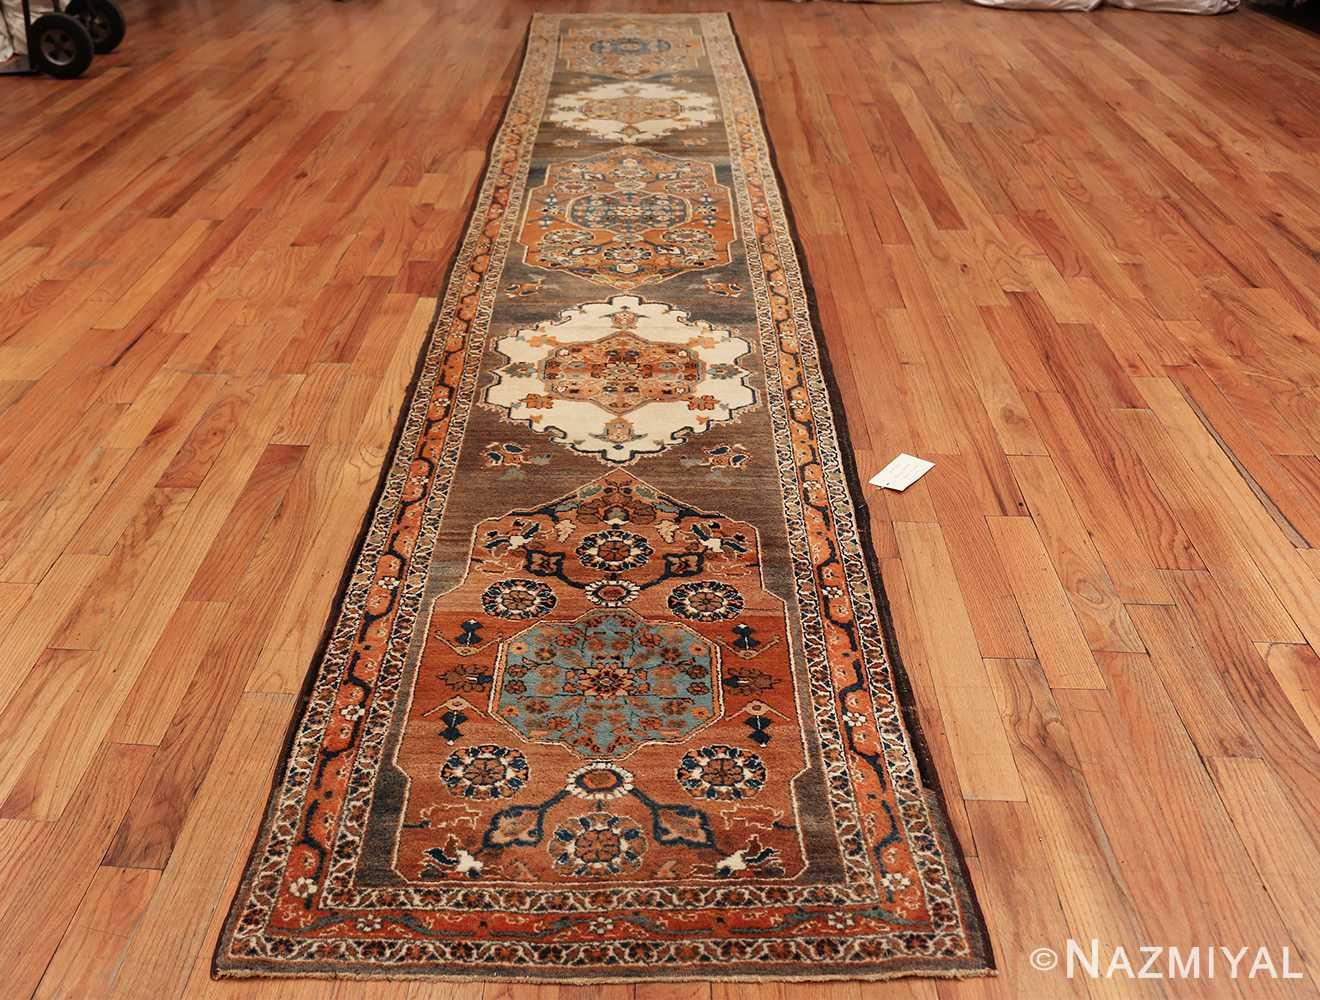 long and narrow antique Persian Tabriz runner rug 49687 Whole Nazmiyal